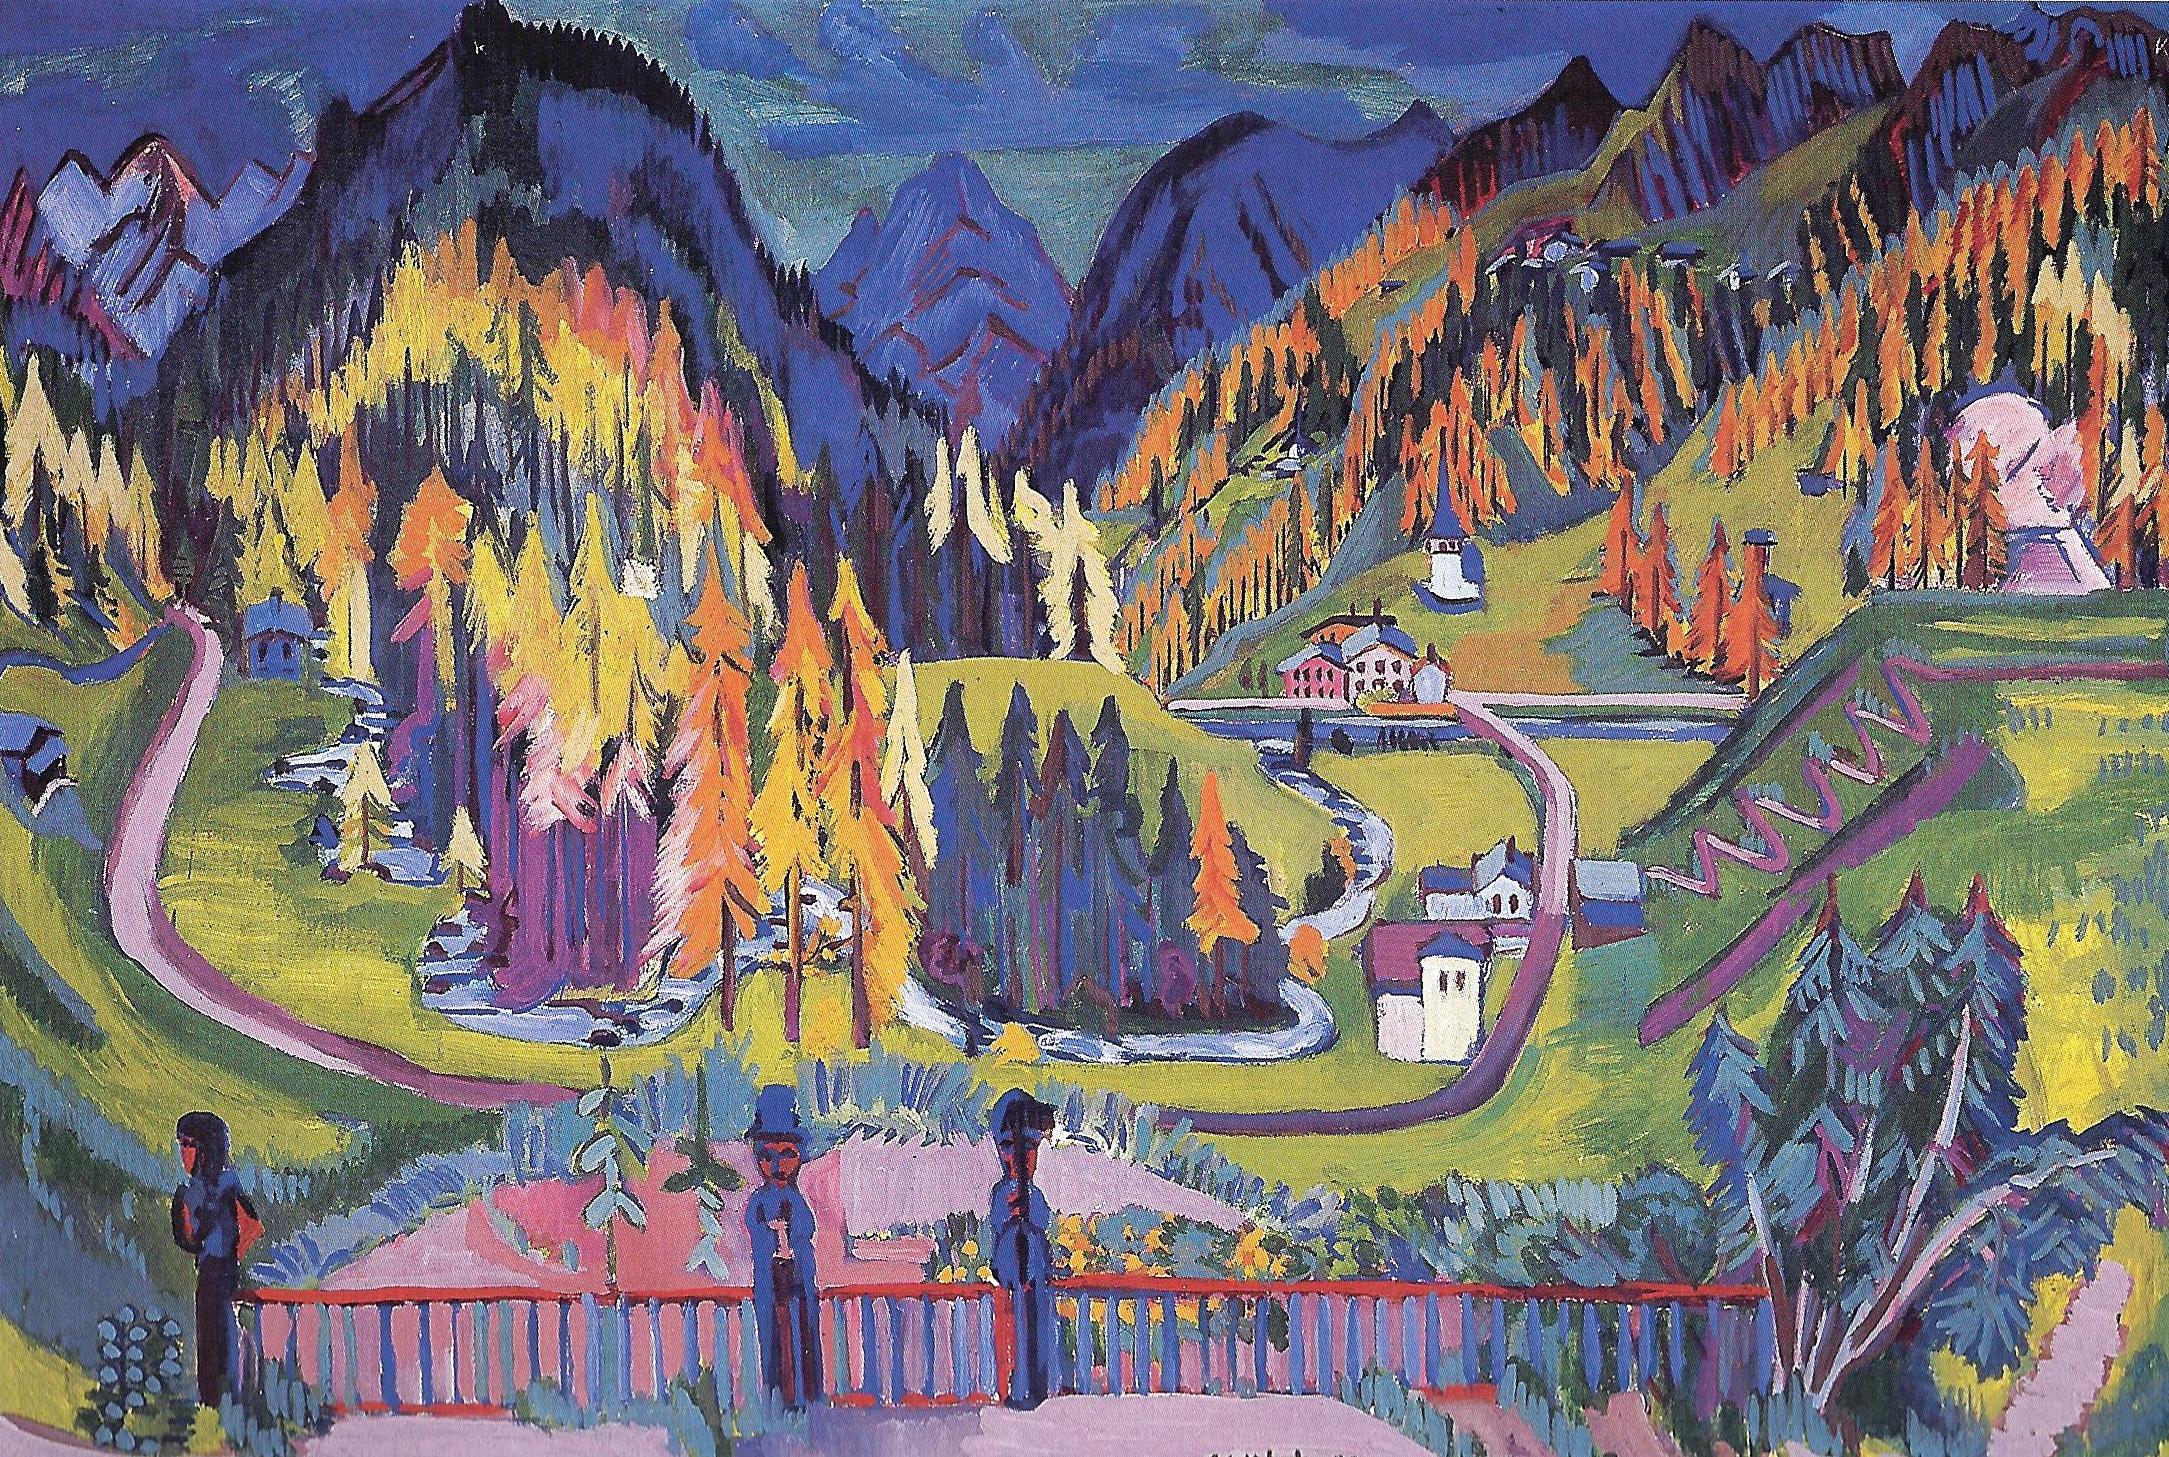 Ernst Ludwig Kirchner, Sertig Valley in Autumn, 1925-26 © Kirchner Museum Davos